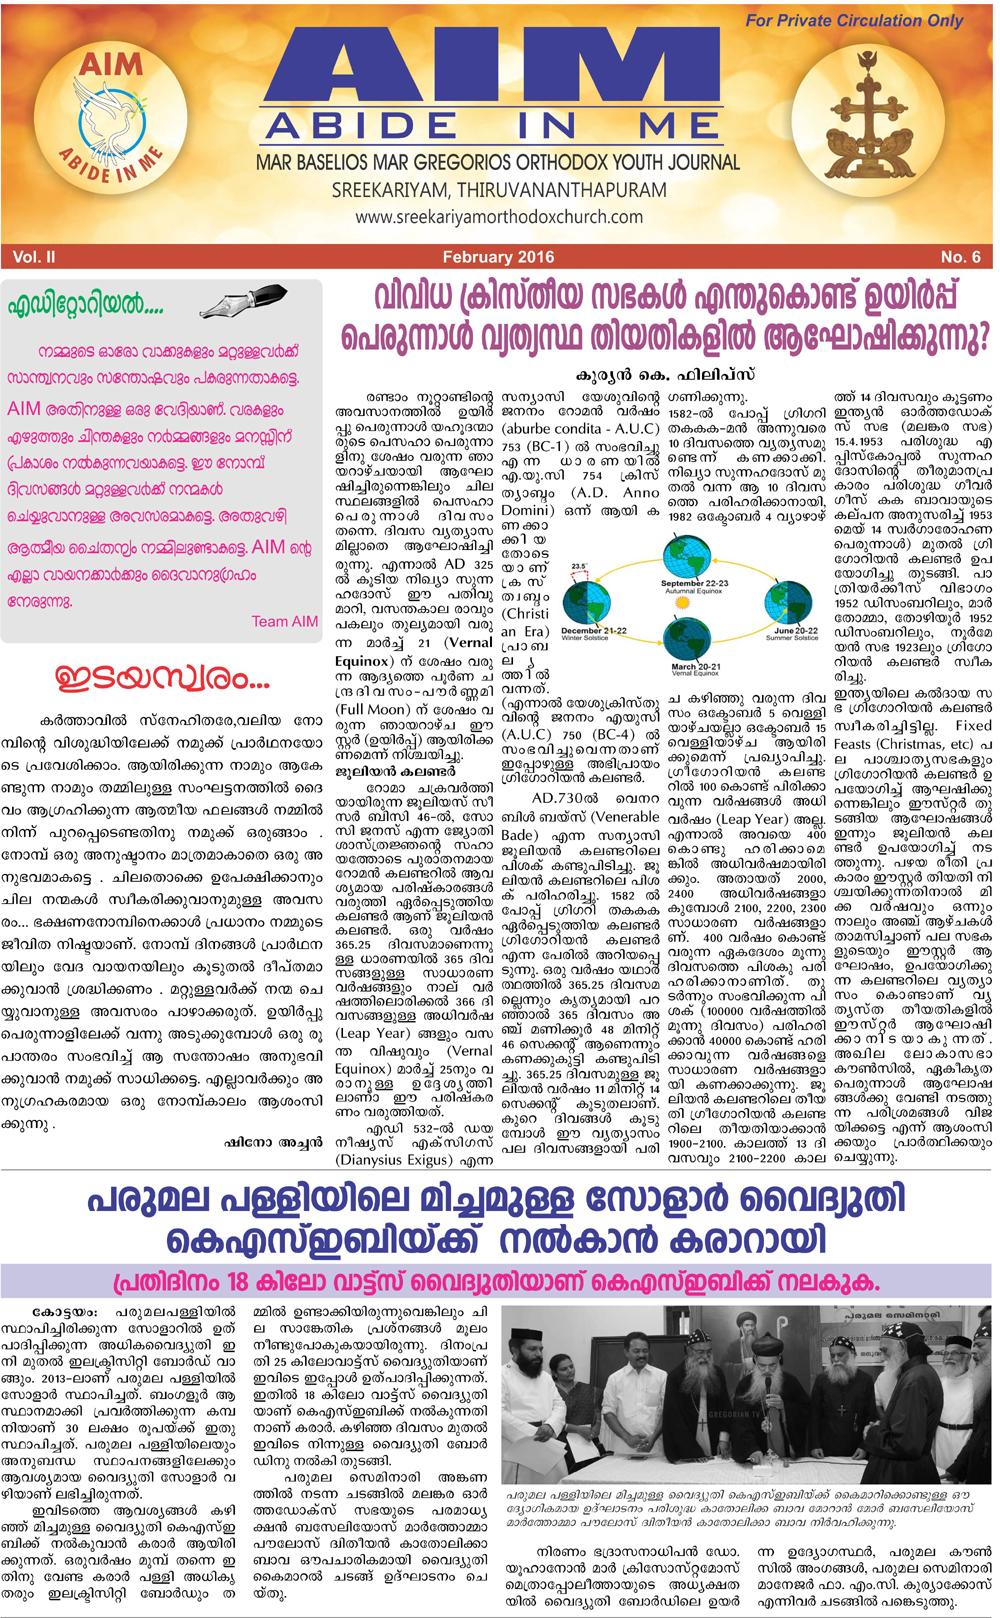 feb issue internet-1